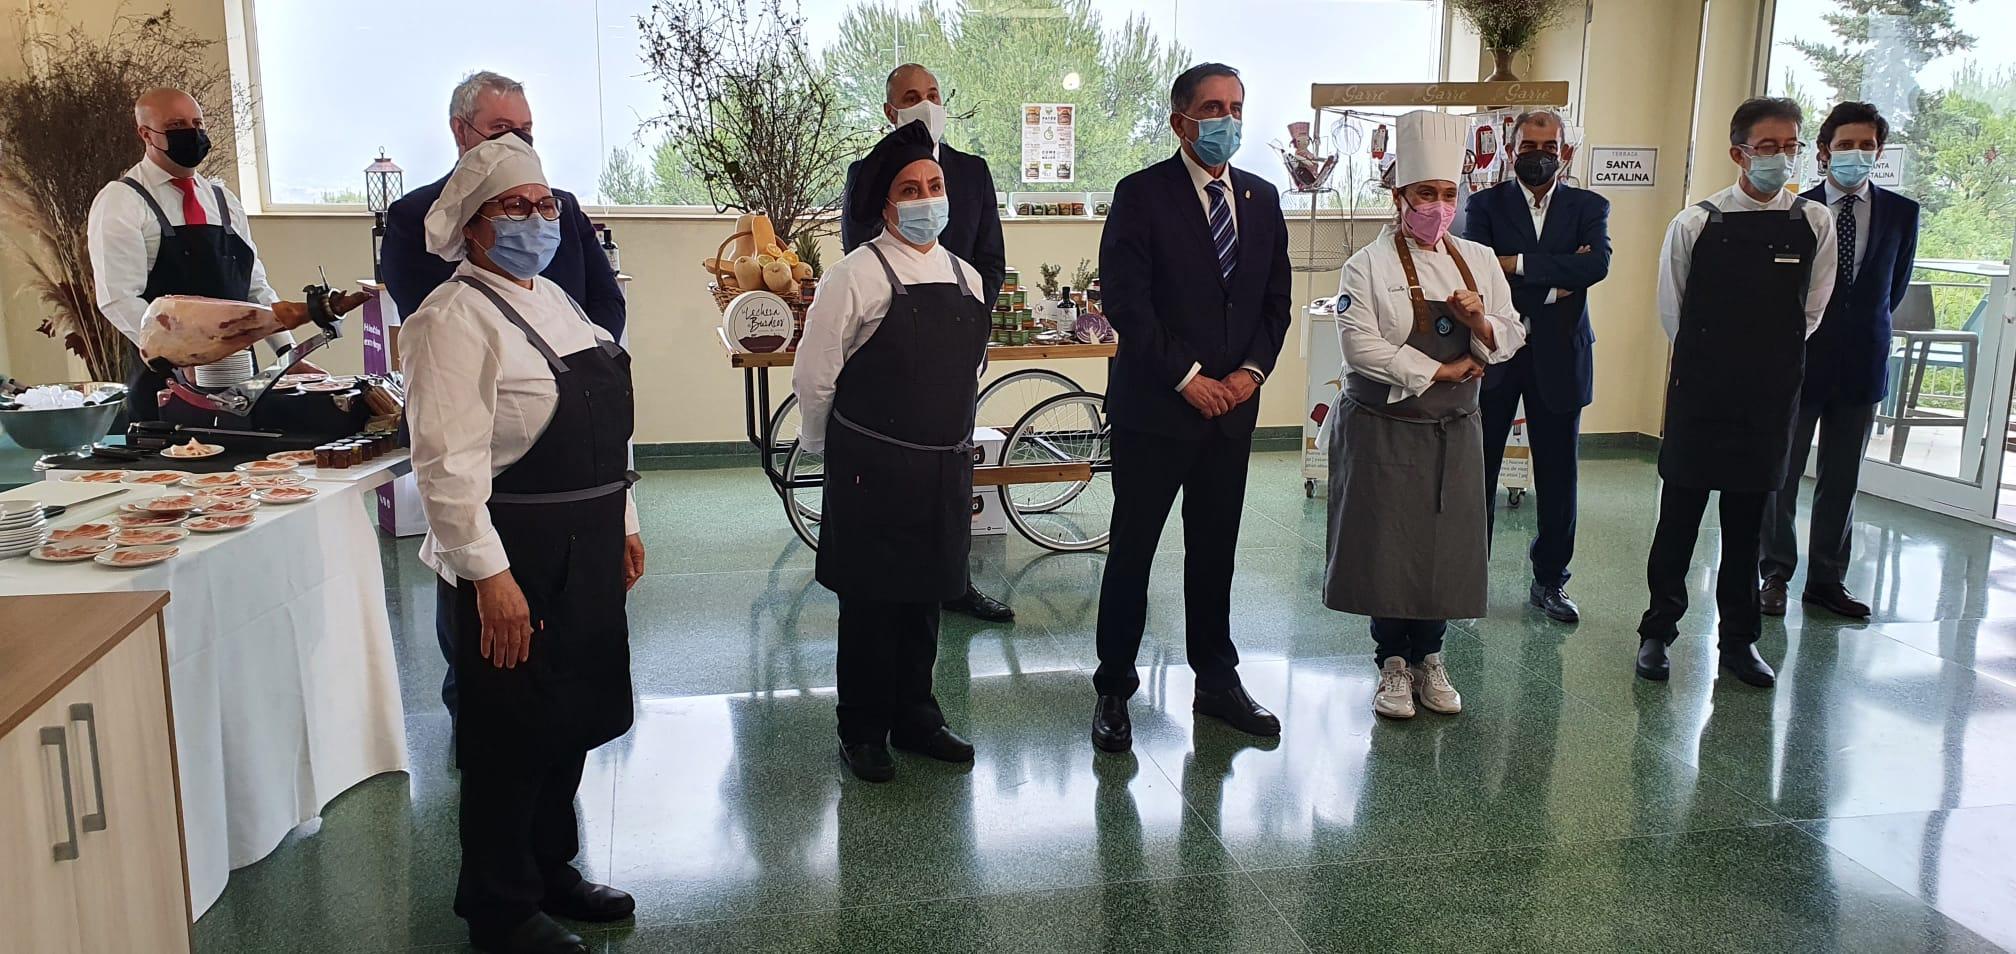 Escuela-de-Ensayo-Empresarial-en-Restauración-La-Luz-Prensa